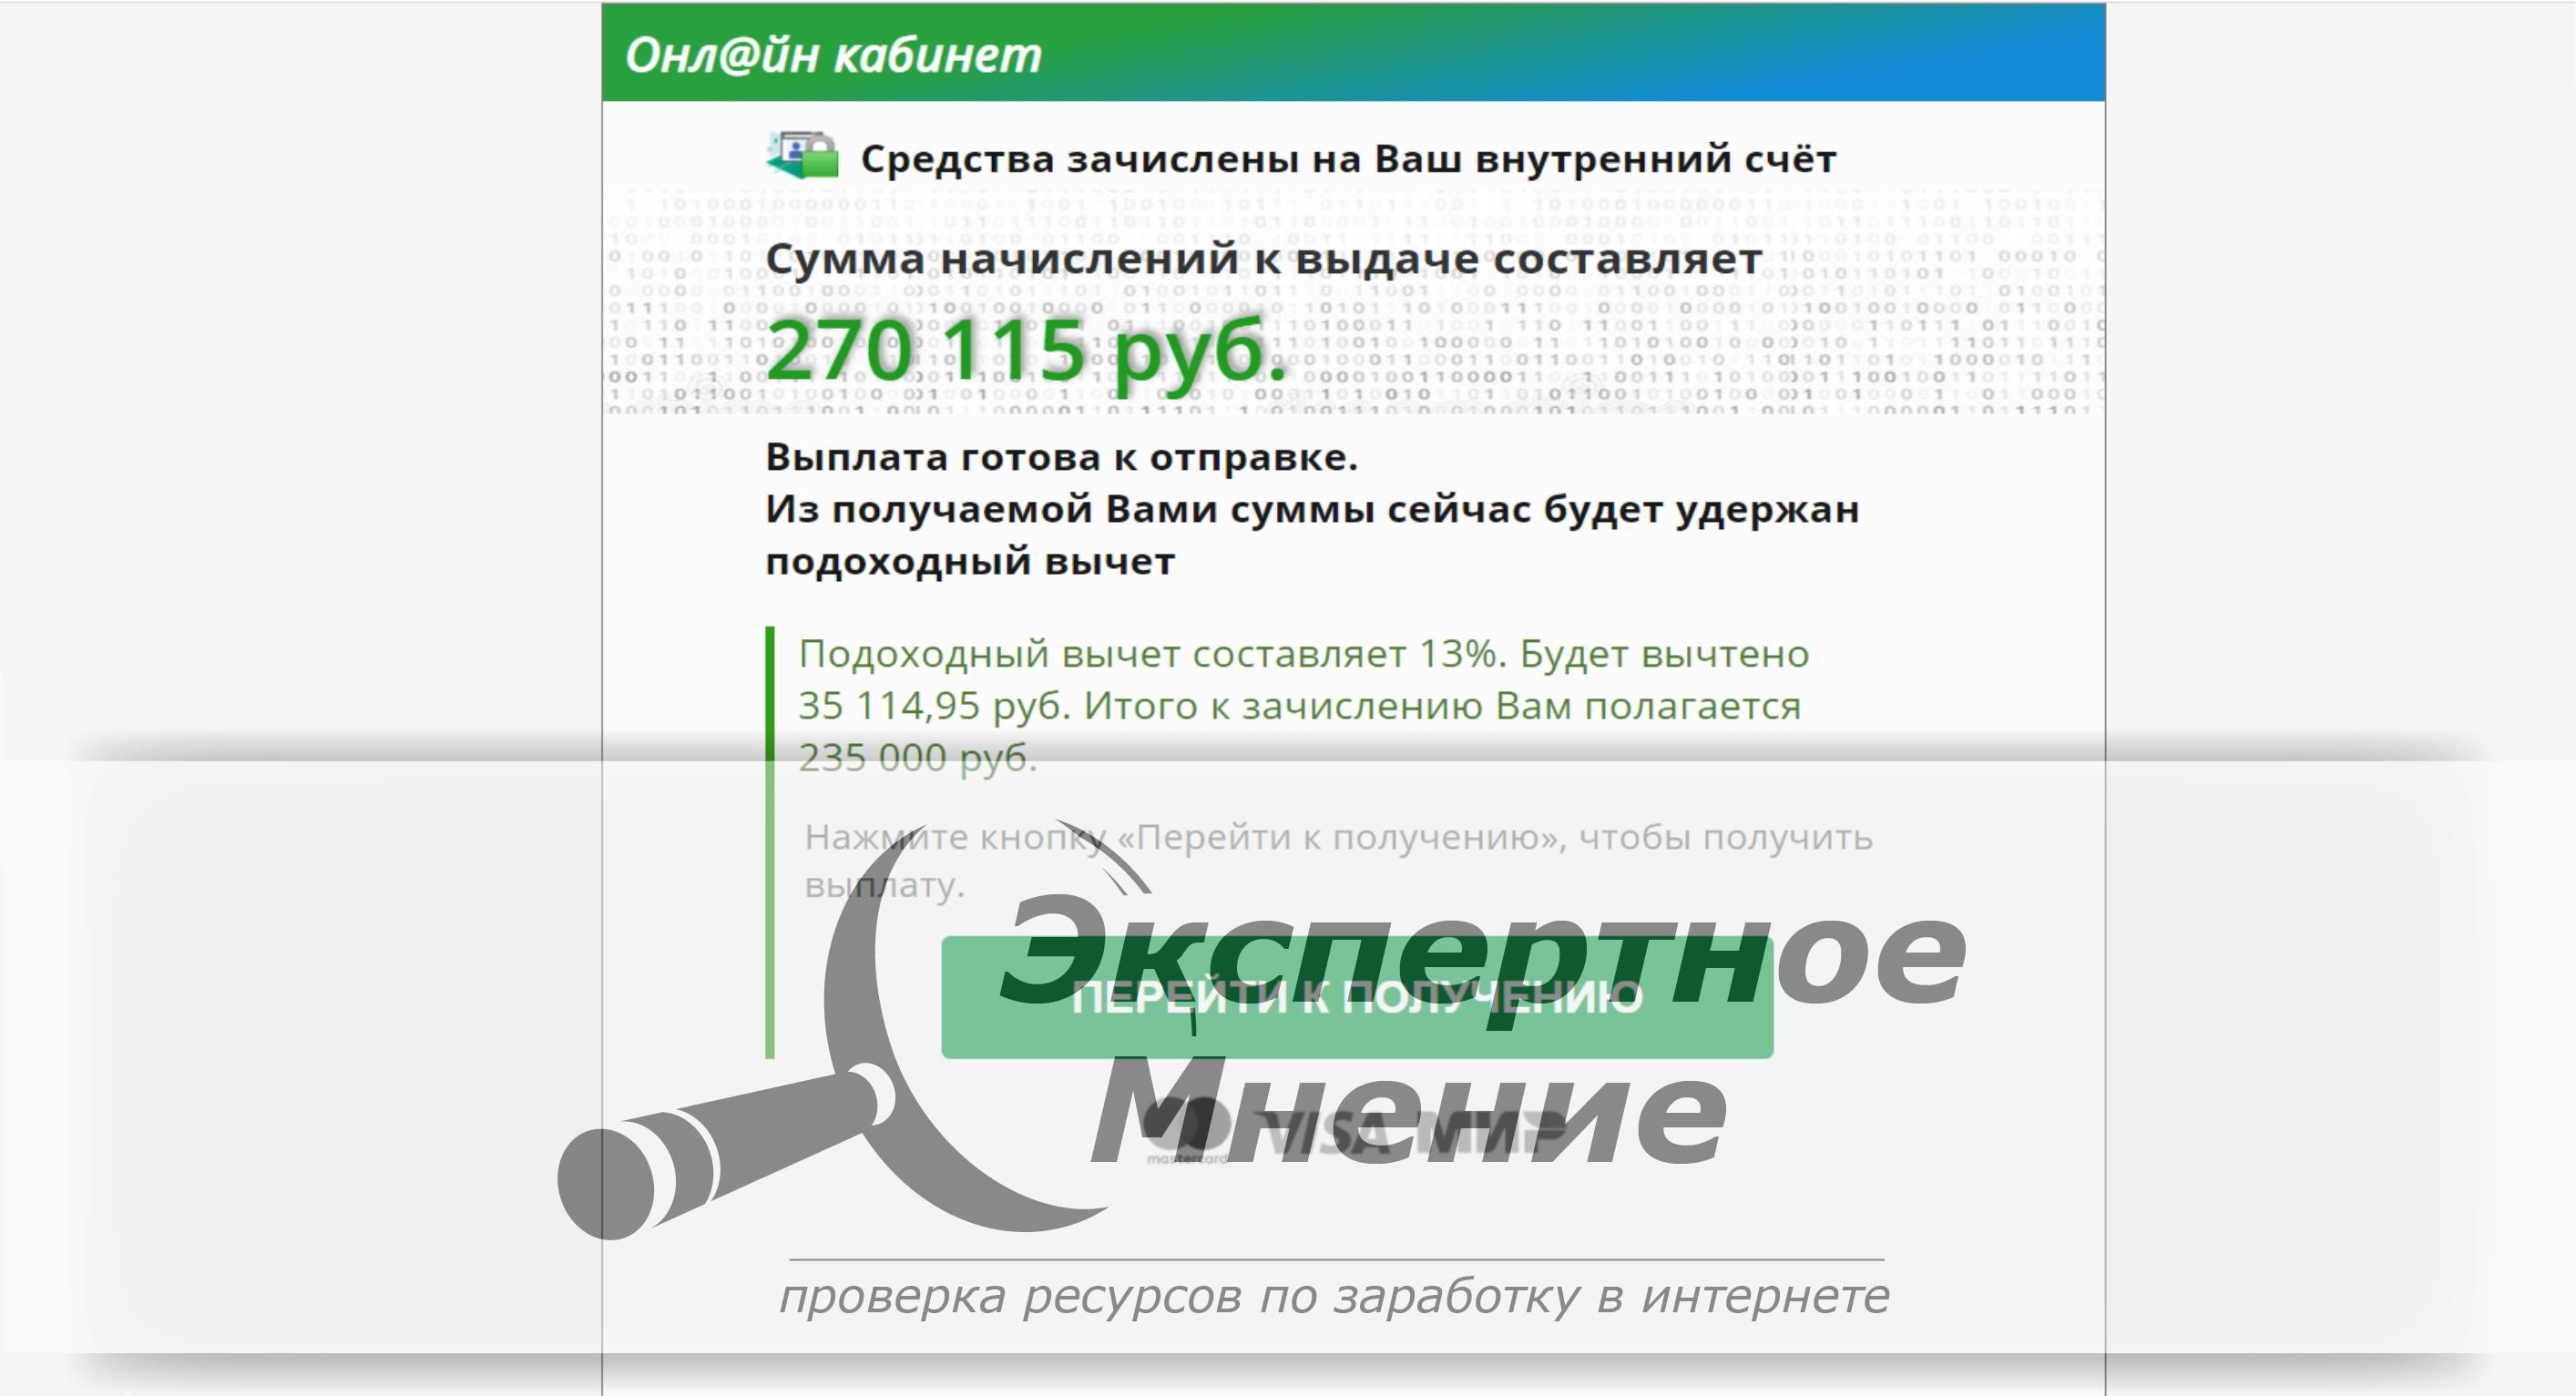 Средства зачислены на Ваш внутренний счёт 270115